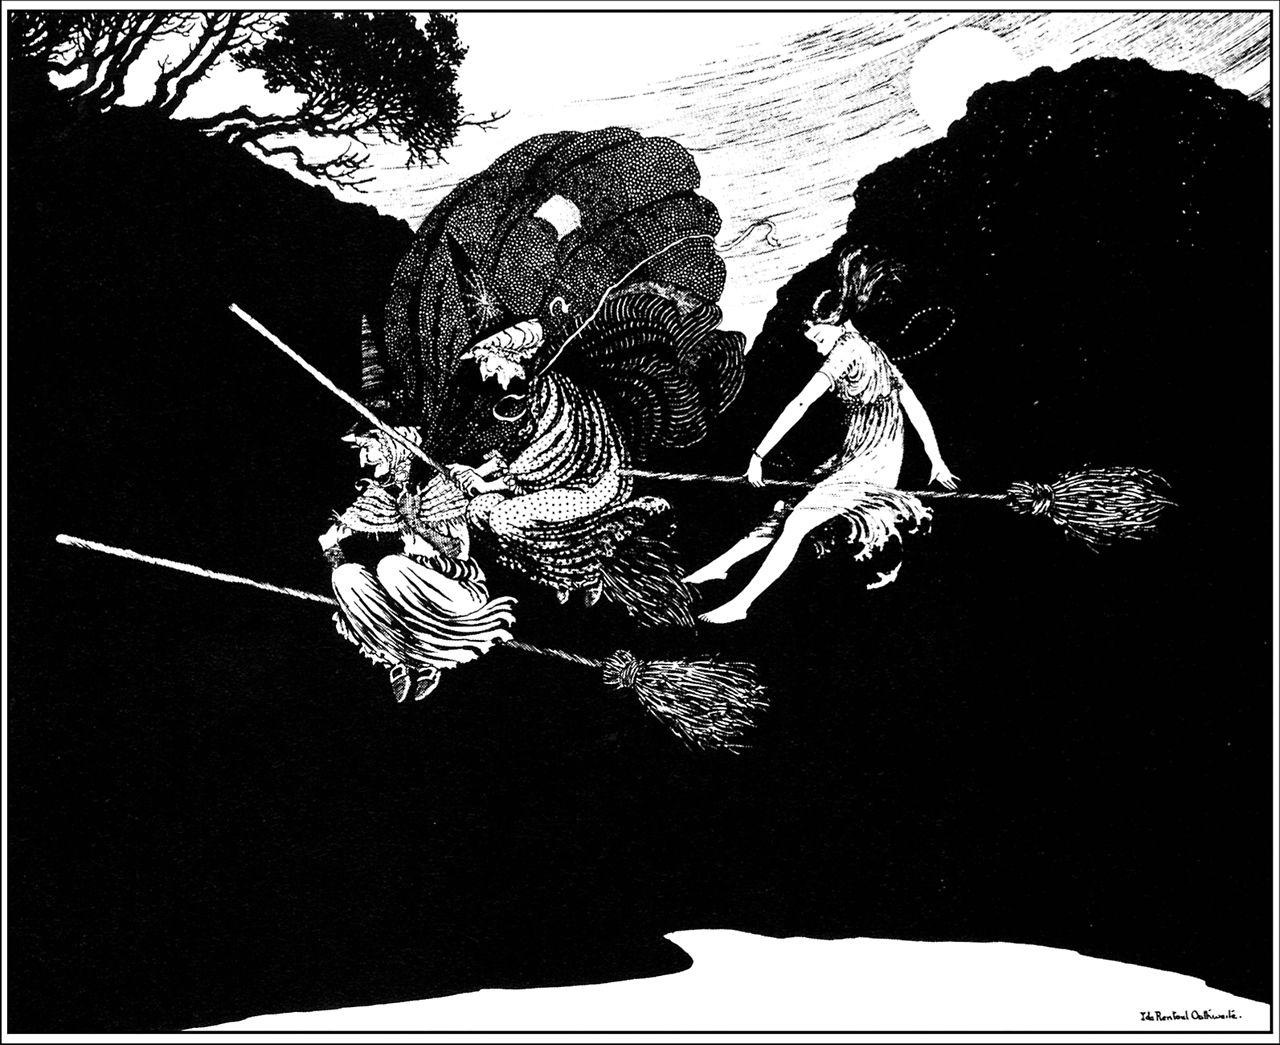 #Bruxa Ilustração de Ida Rentoul Outhwaite (9 June 1888 – 25 June 1960), uma ilustradora Australiana de livros infantis.